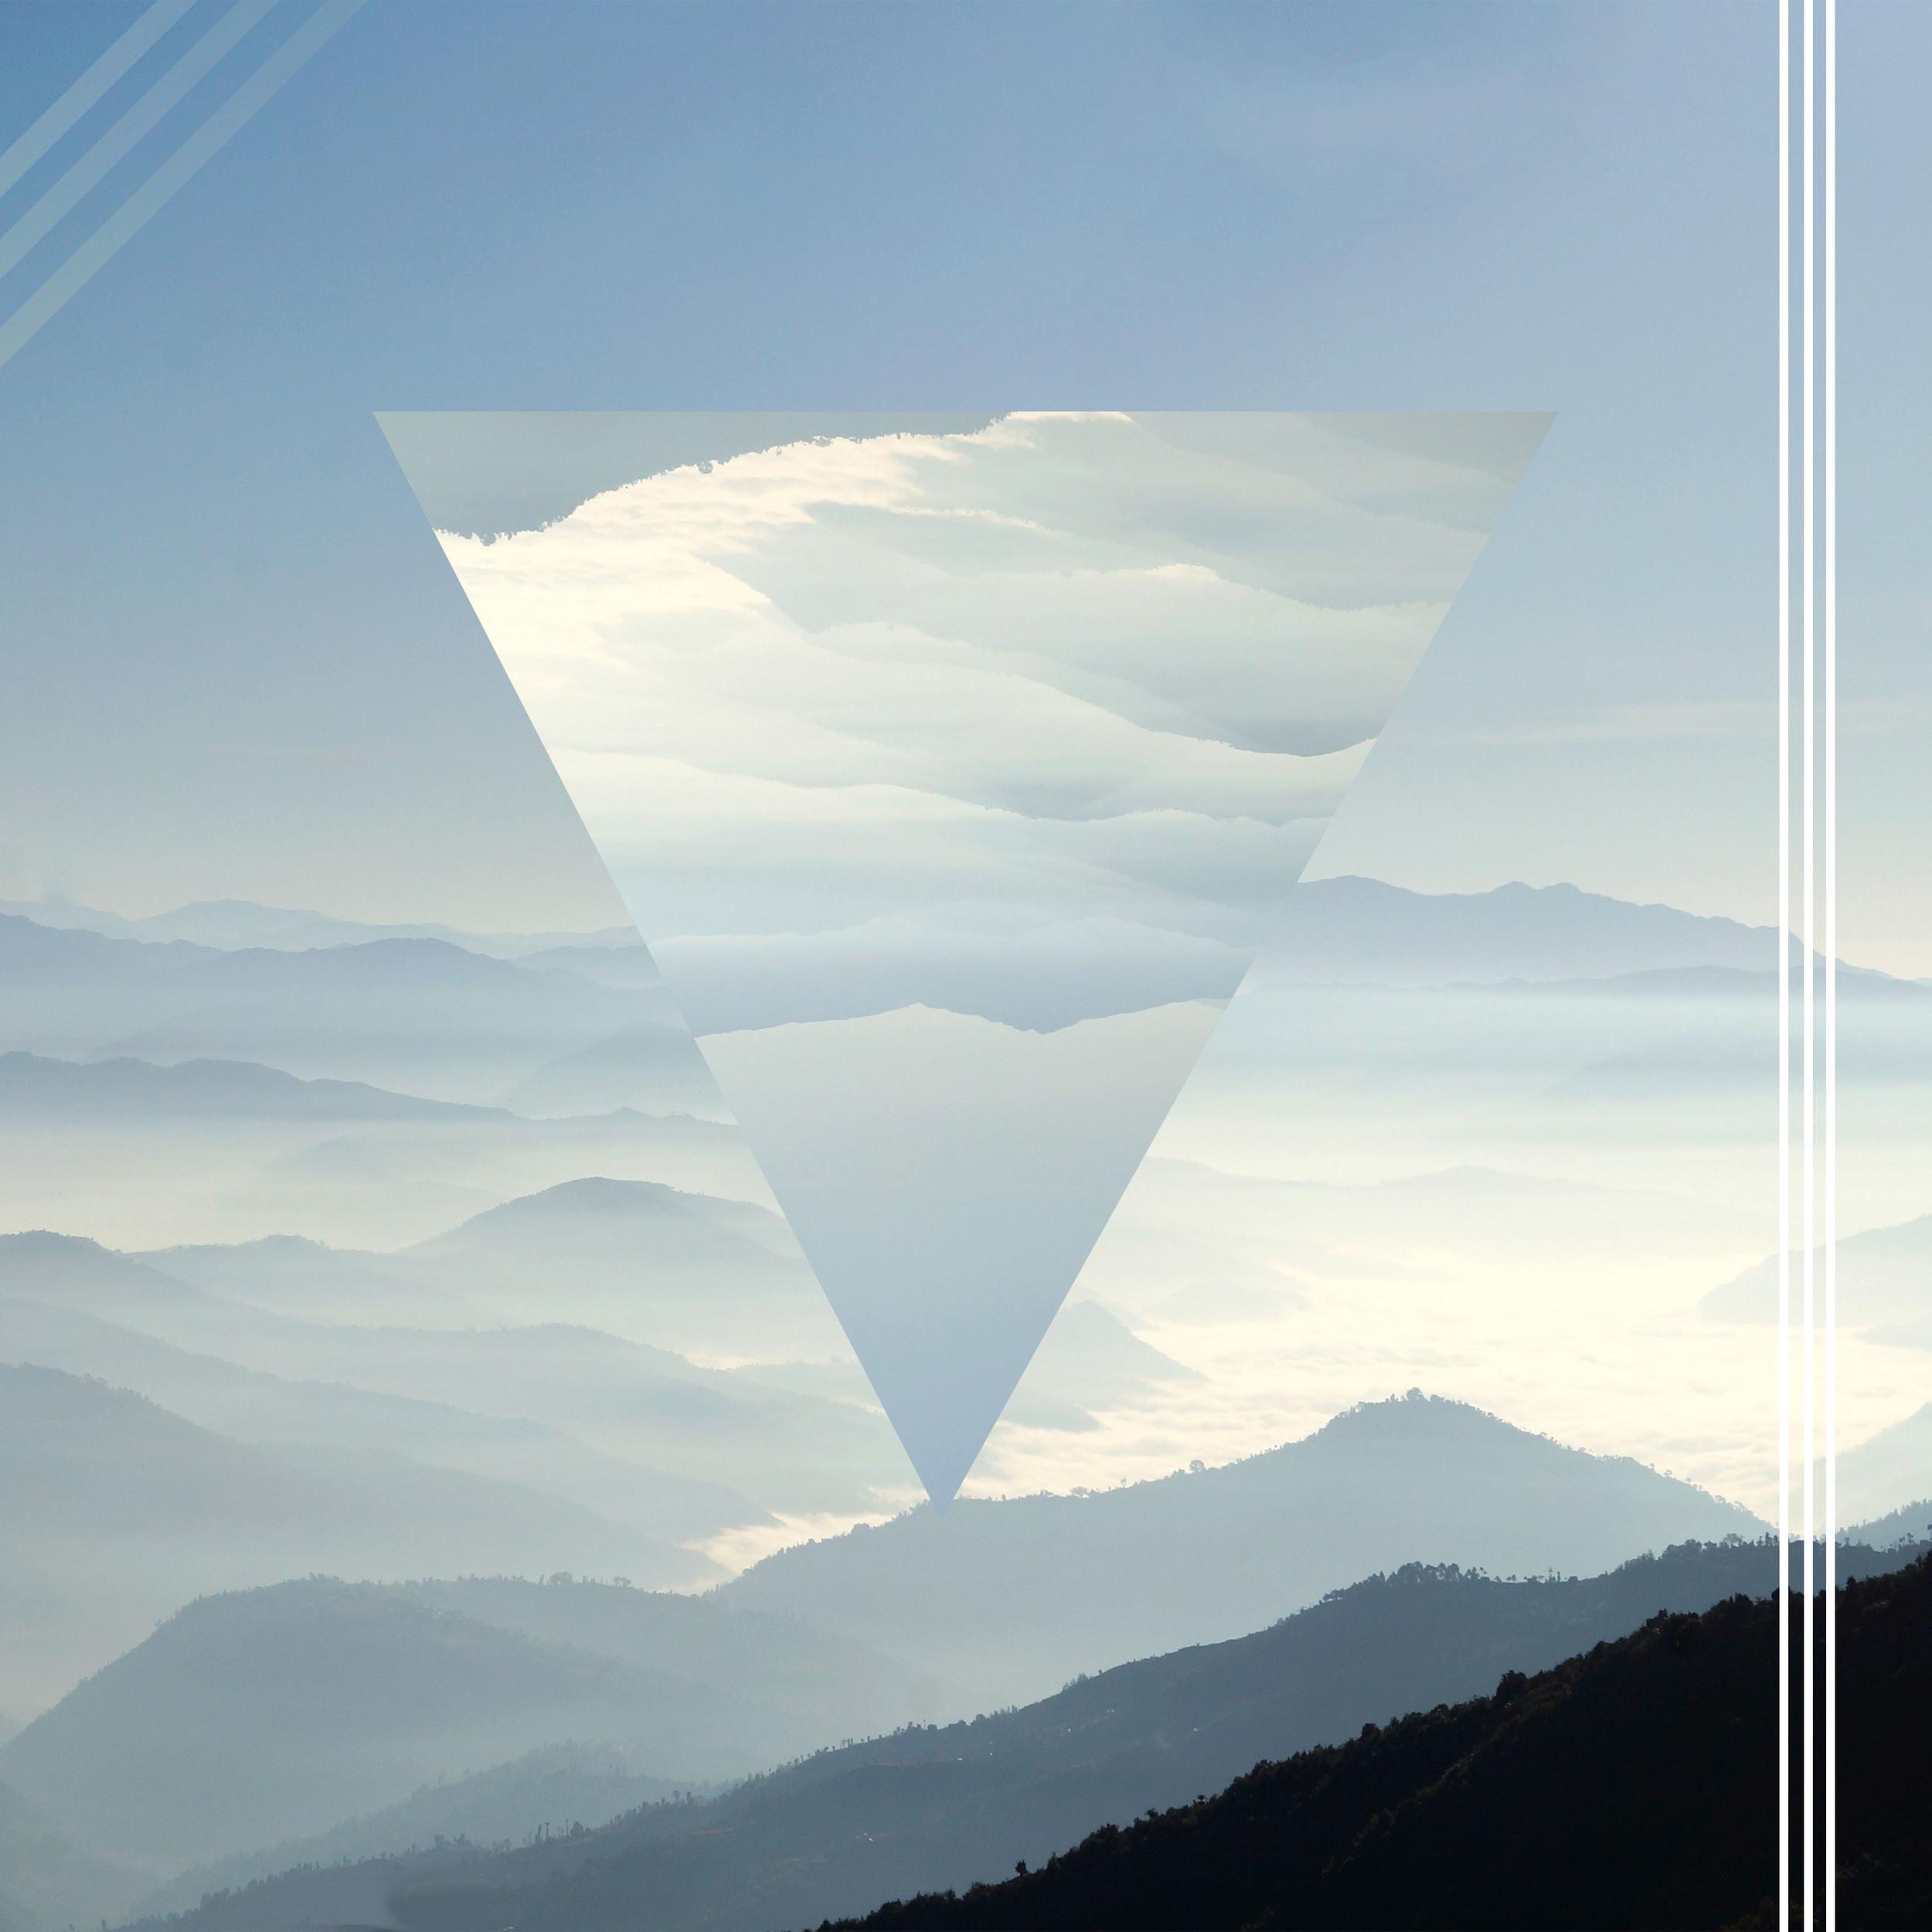 Triangular Ridge